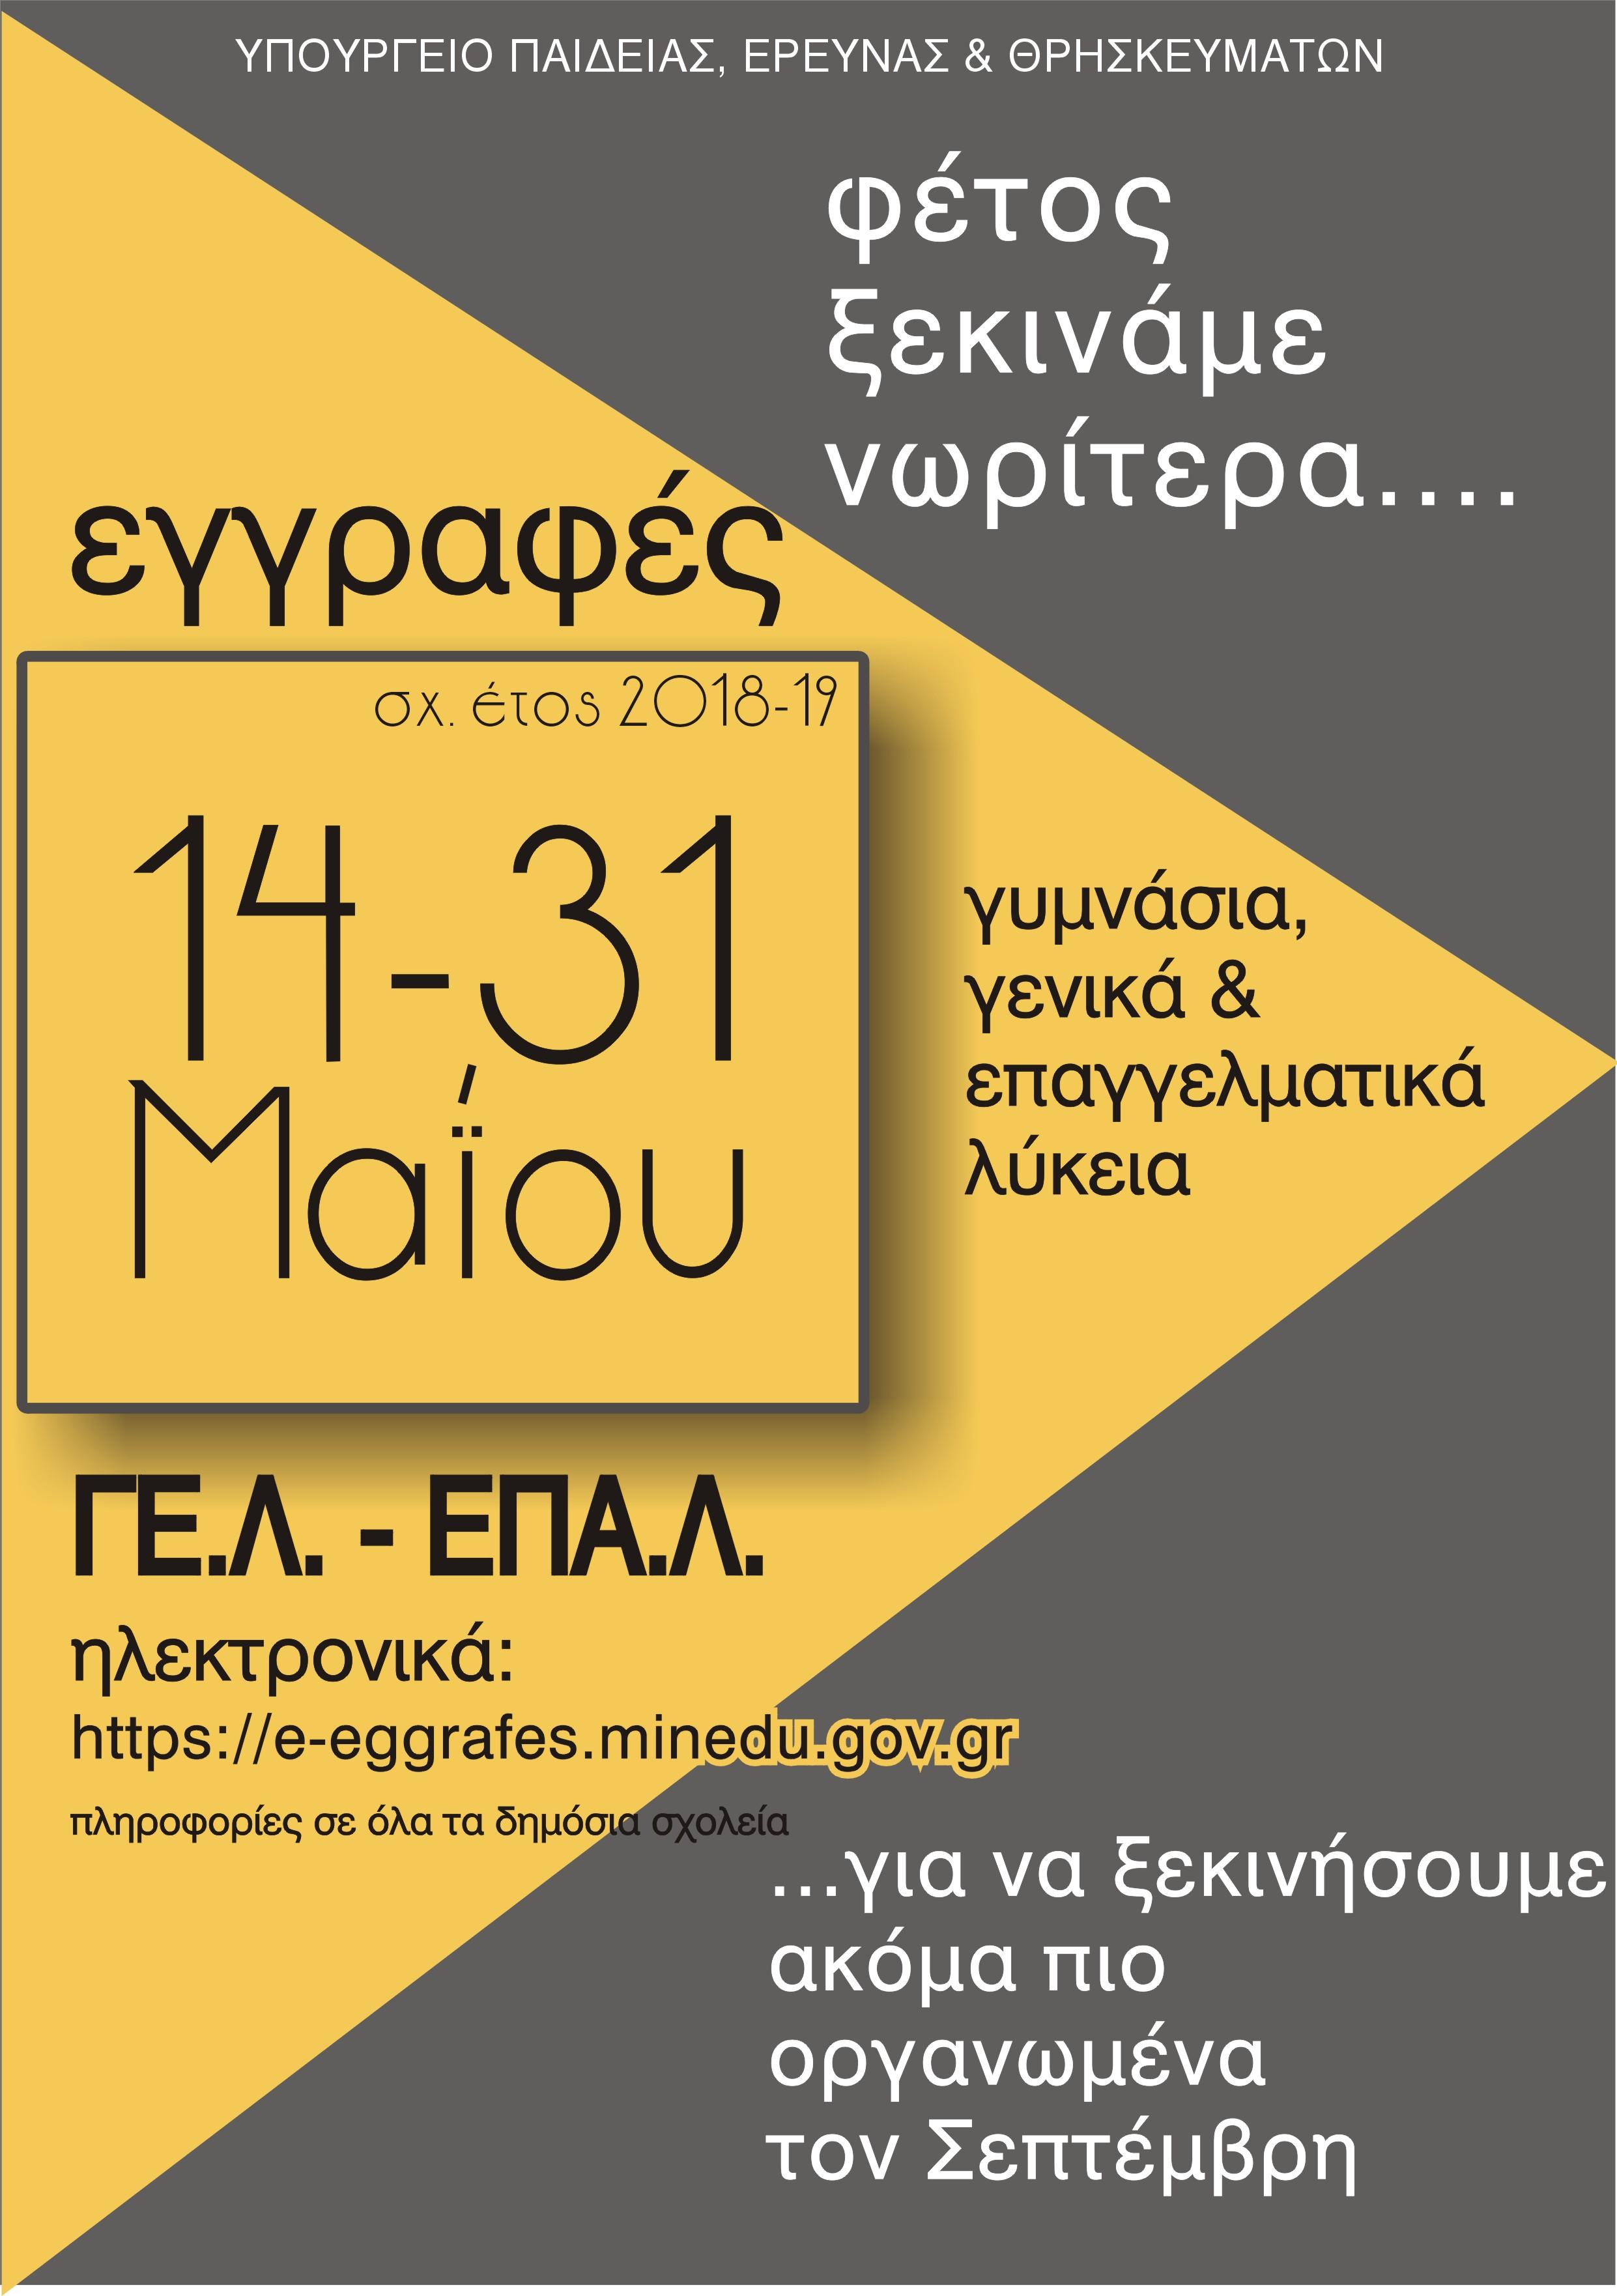 ΕΓΓΡΑΦΕΣ ΓΕΛ & ΕΠΑΛ